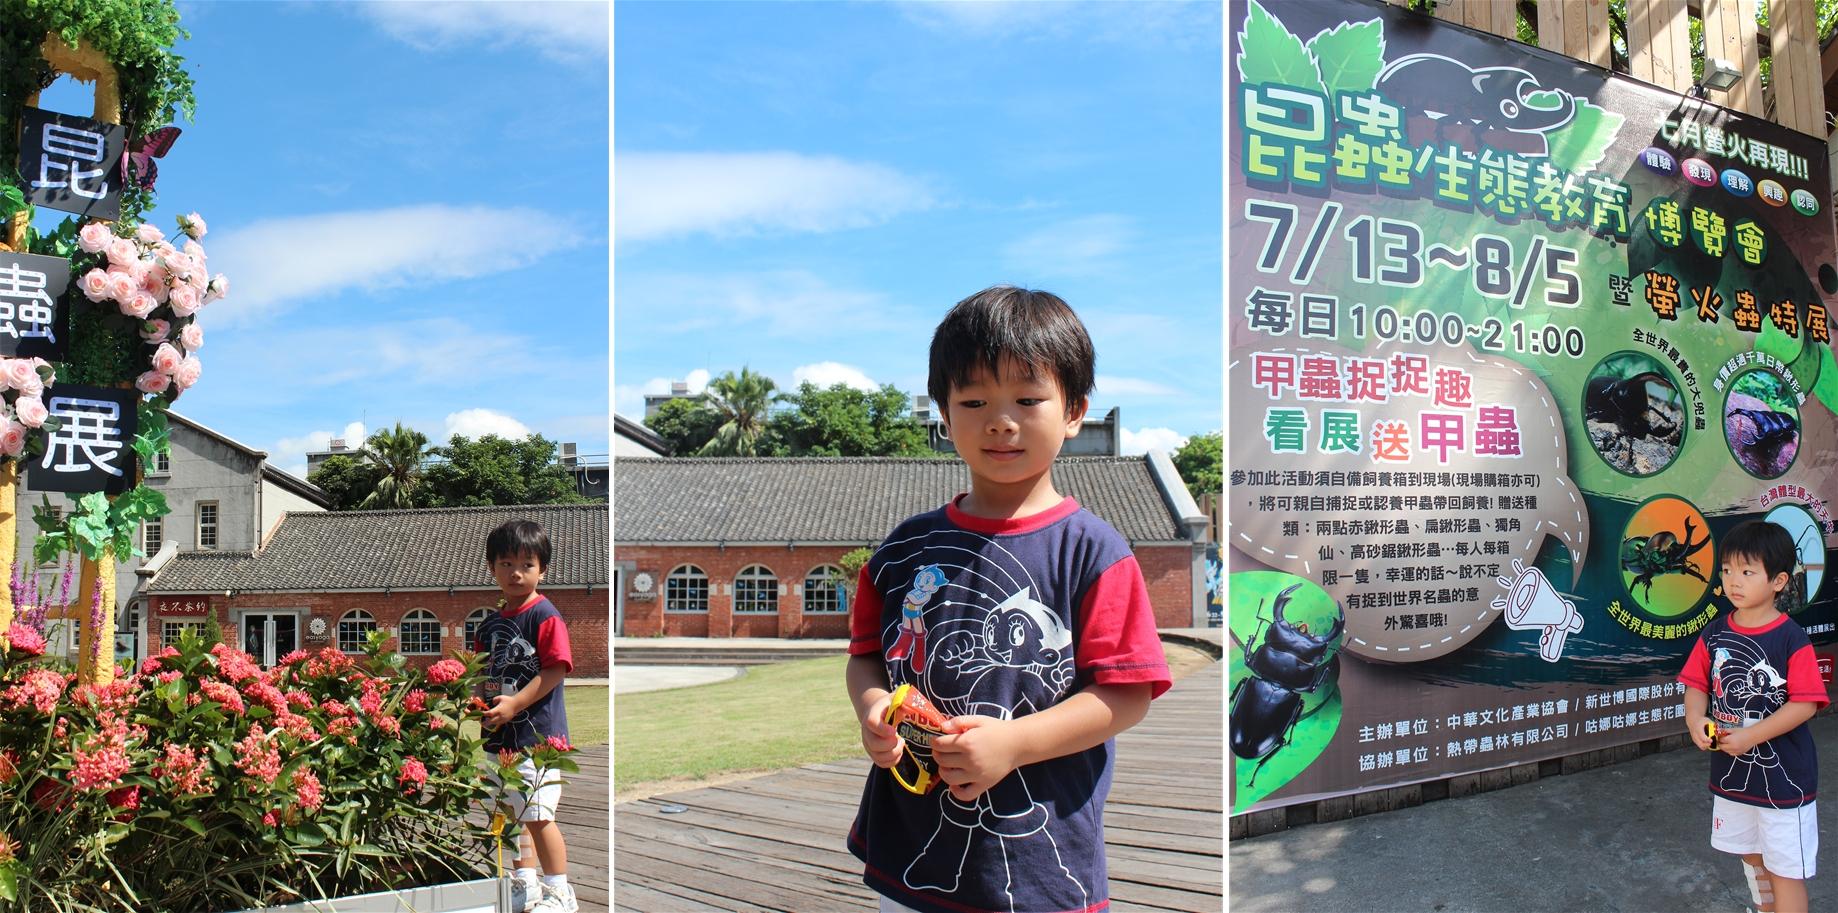 昆蟲生態教育博覽會暨螢火蟲特展   Hillshsu's Blog